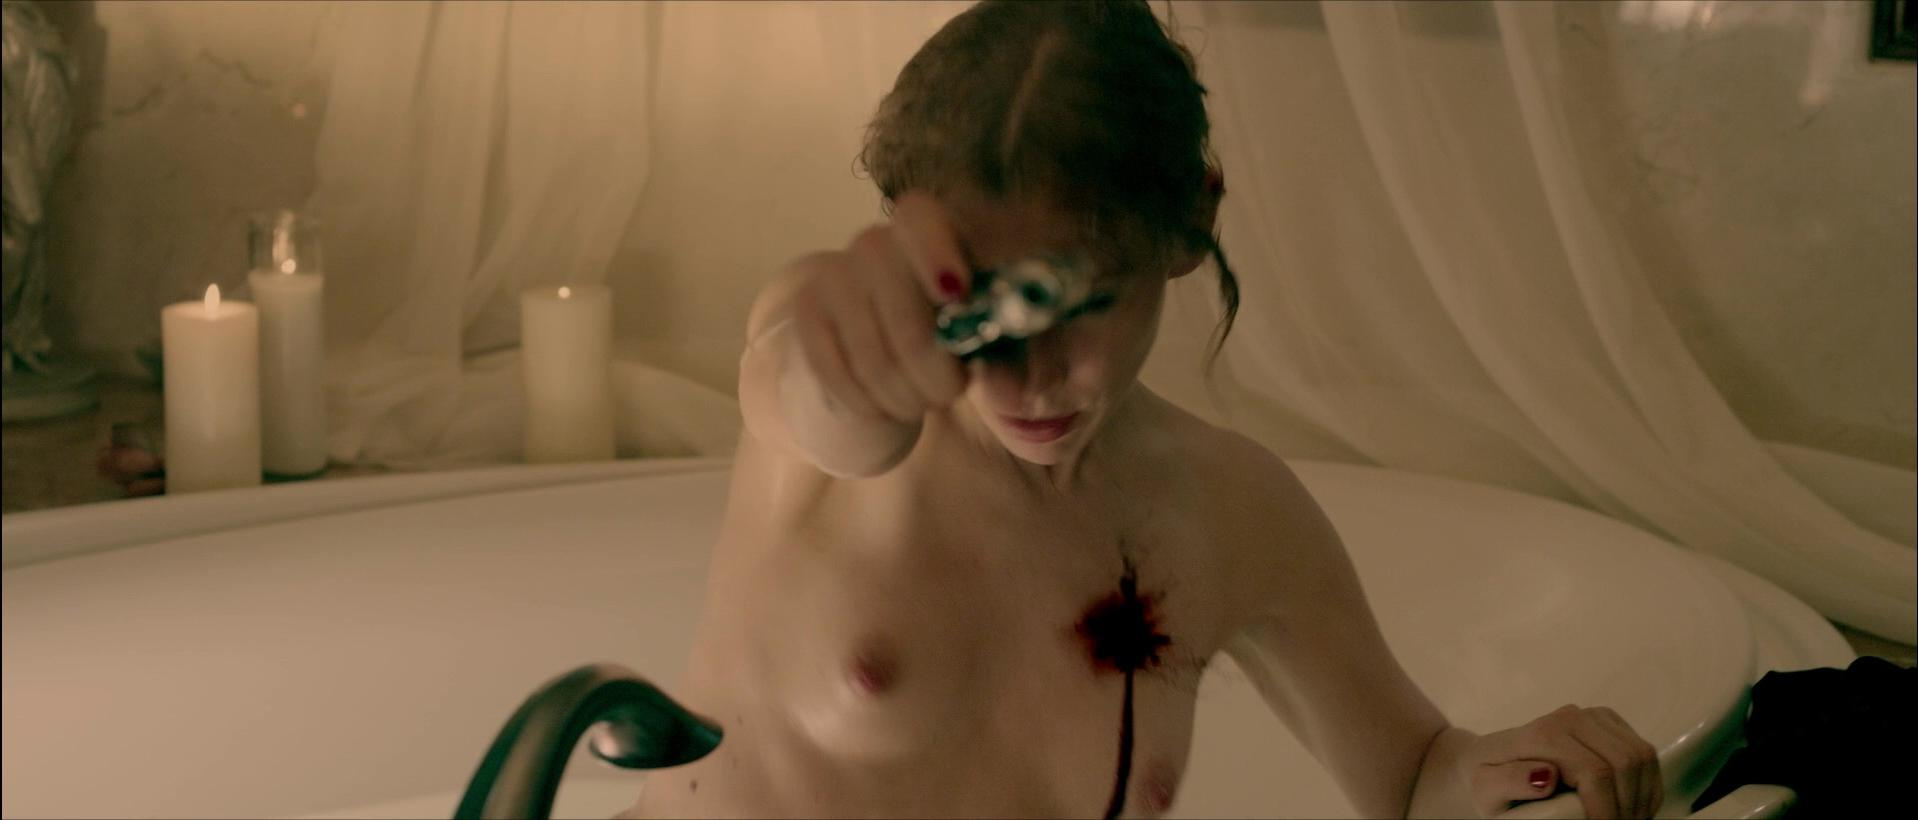 Julia Dietze nude - Bullet (2014)